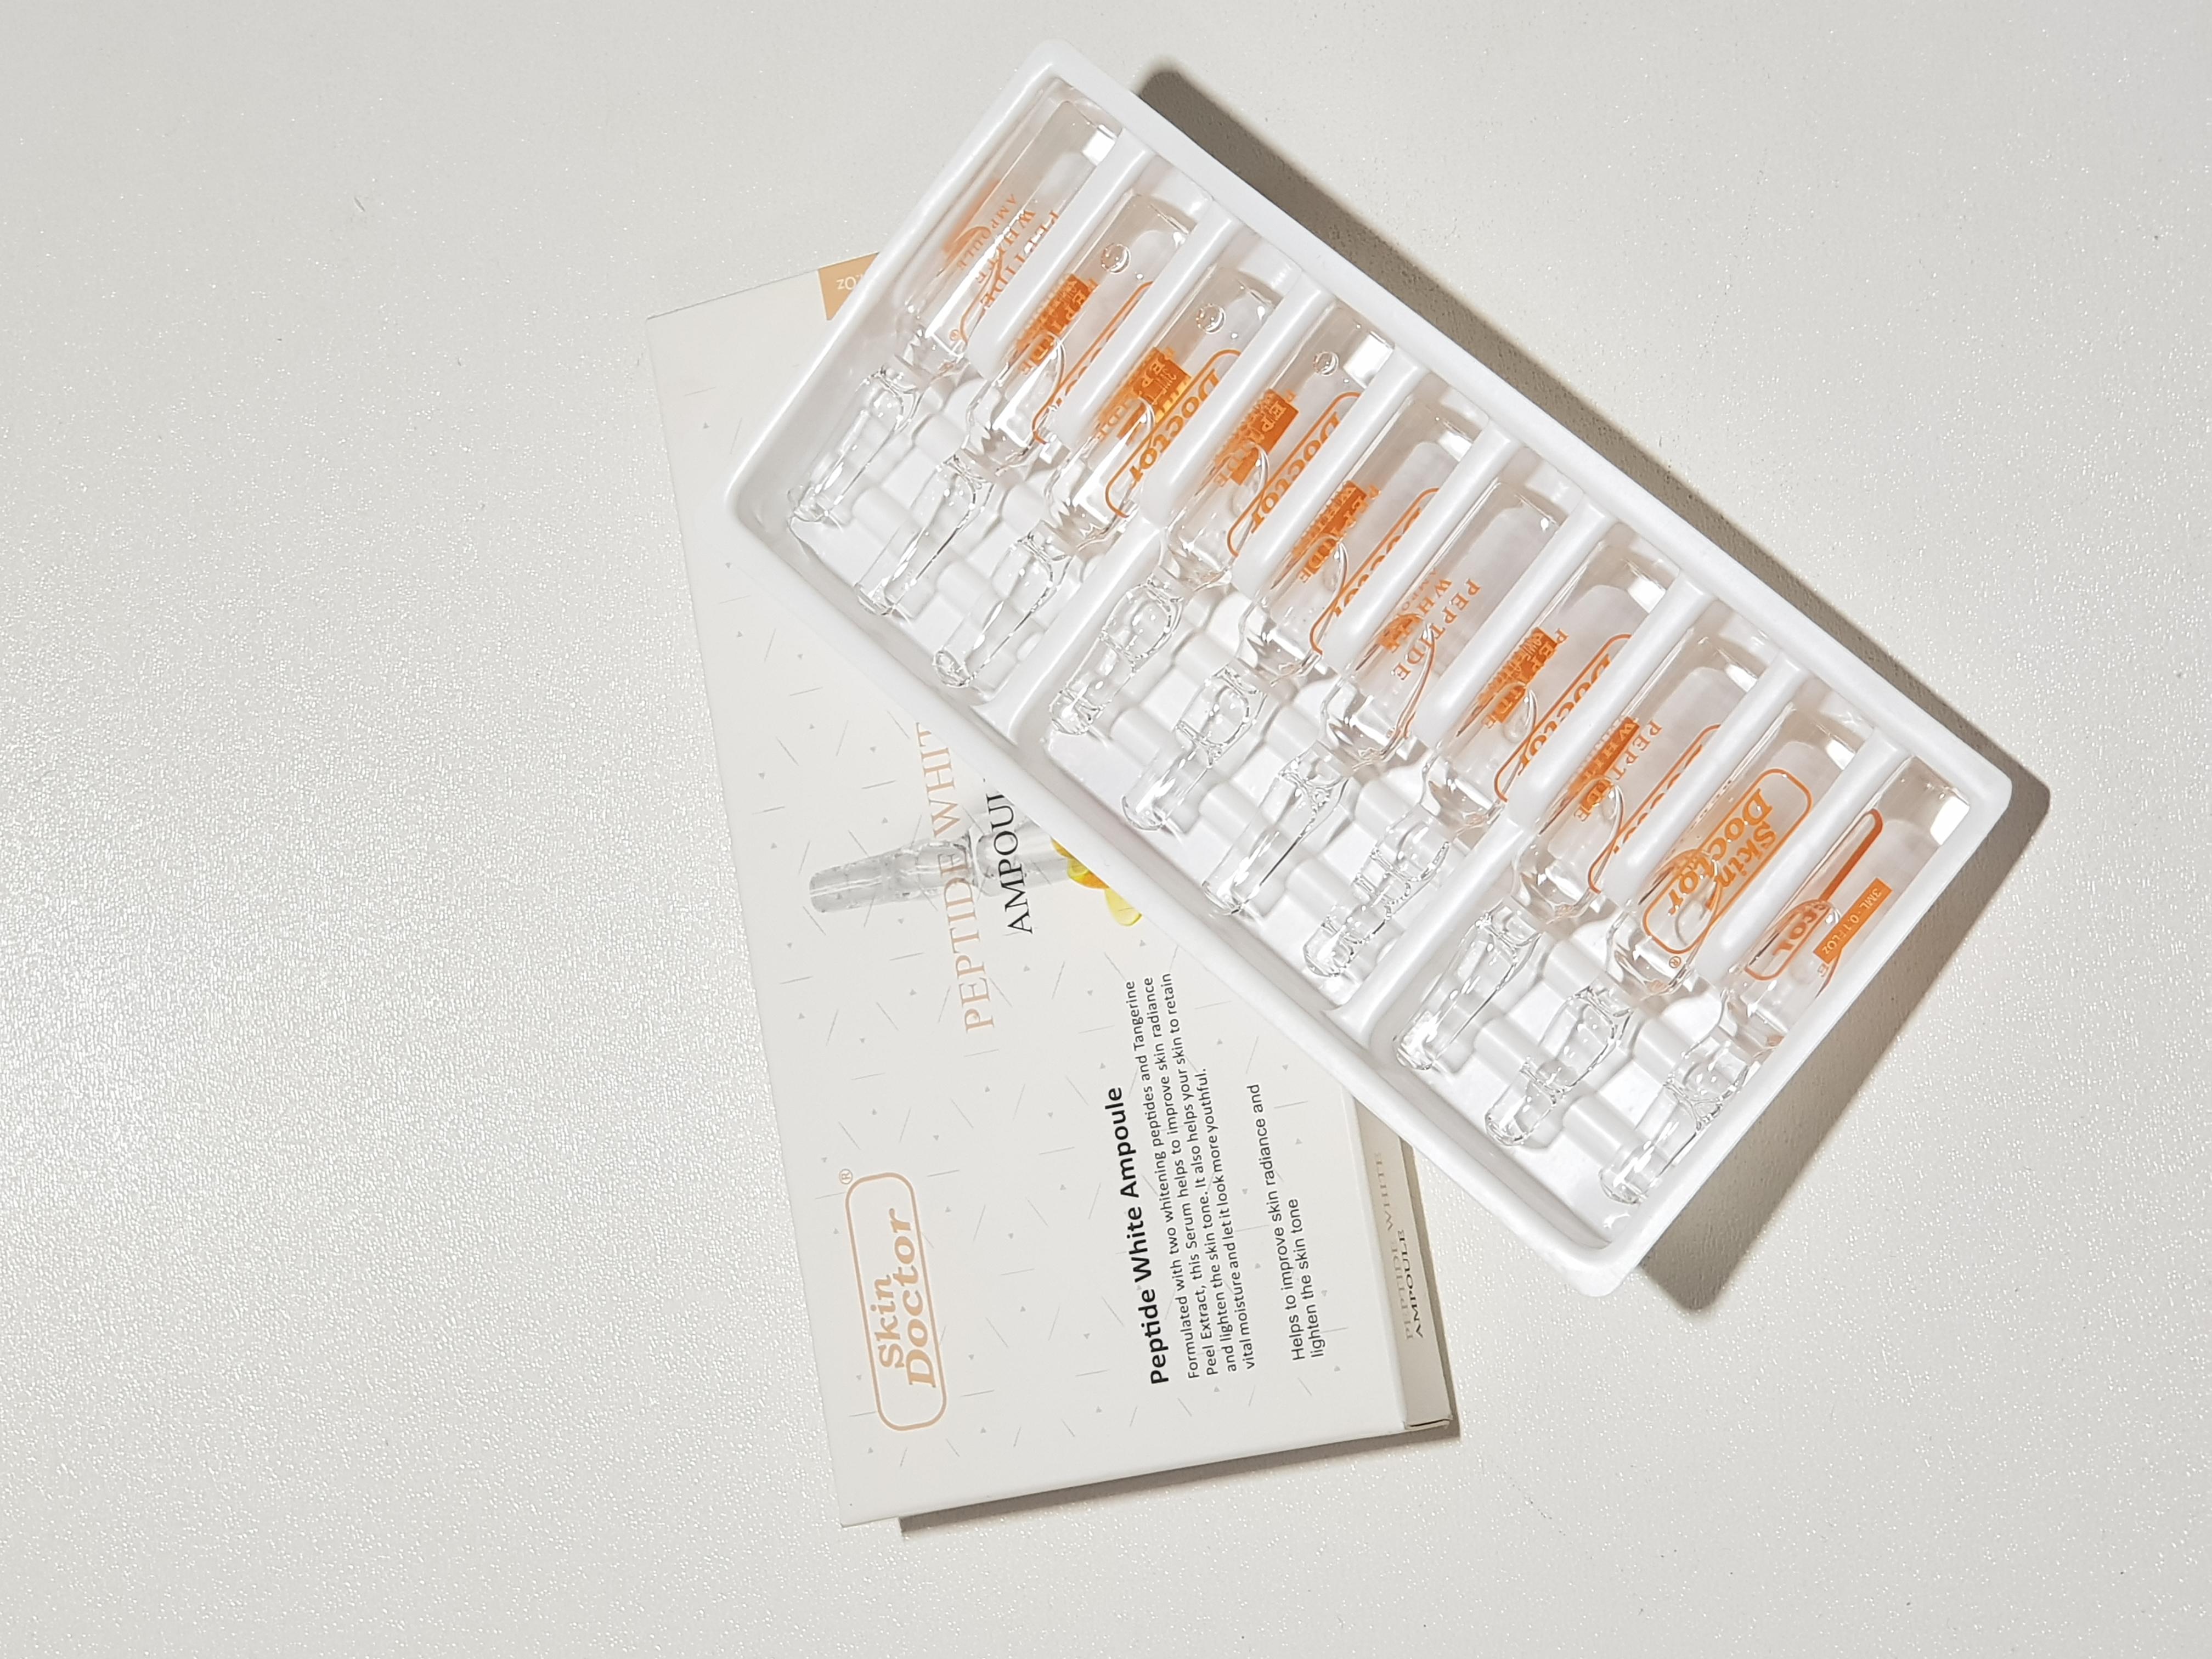 امپول- سفید- پپتید- عصاره- پوست -نارنگی-